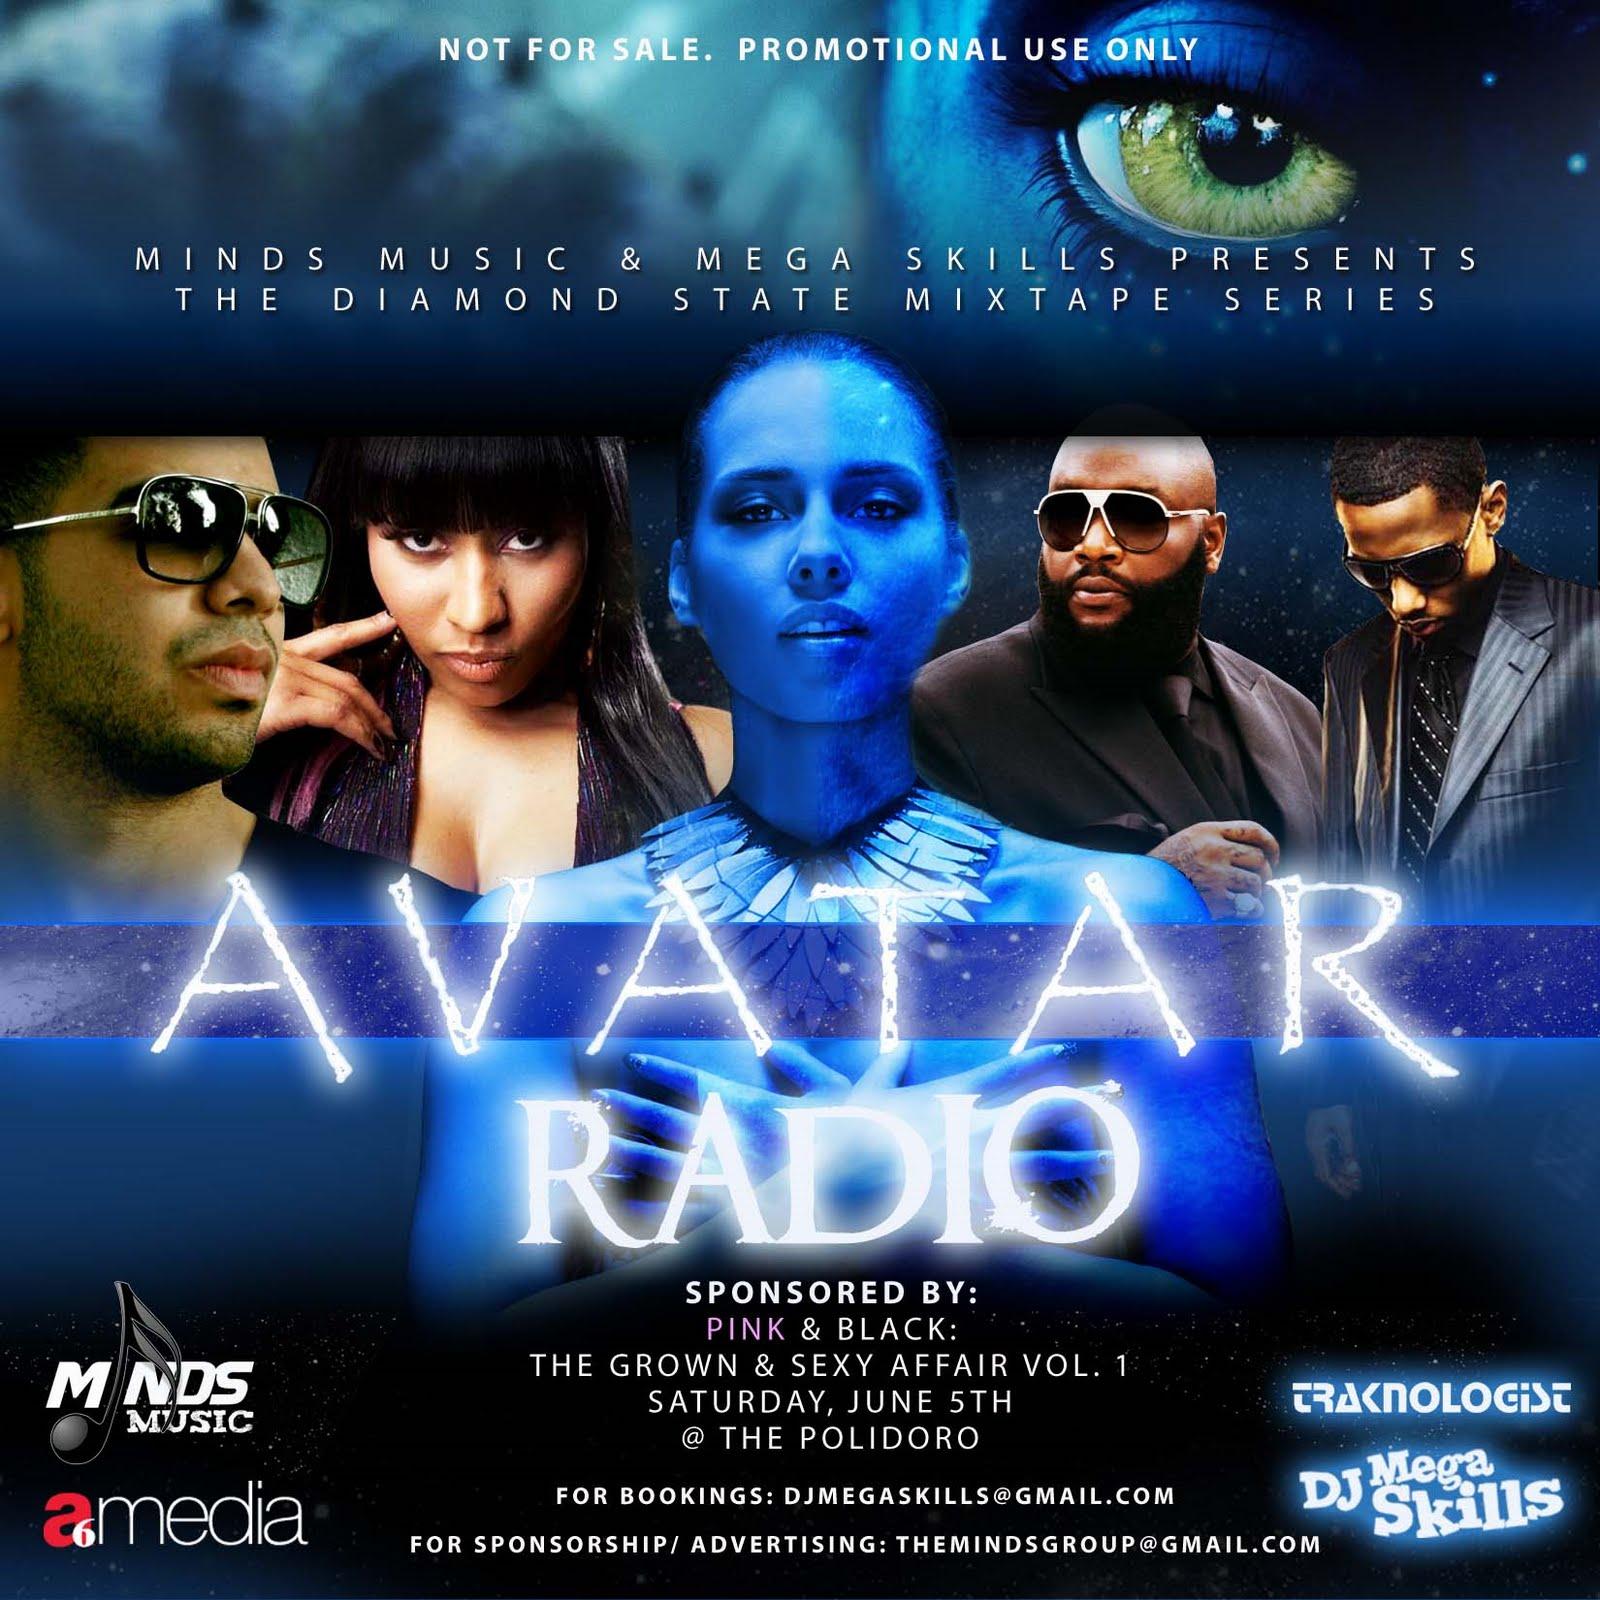 Avatar 2 Dj: FLEET DJ WORLD: DJ Mega Skills AVATAR RADIO MIXTAPE